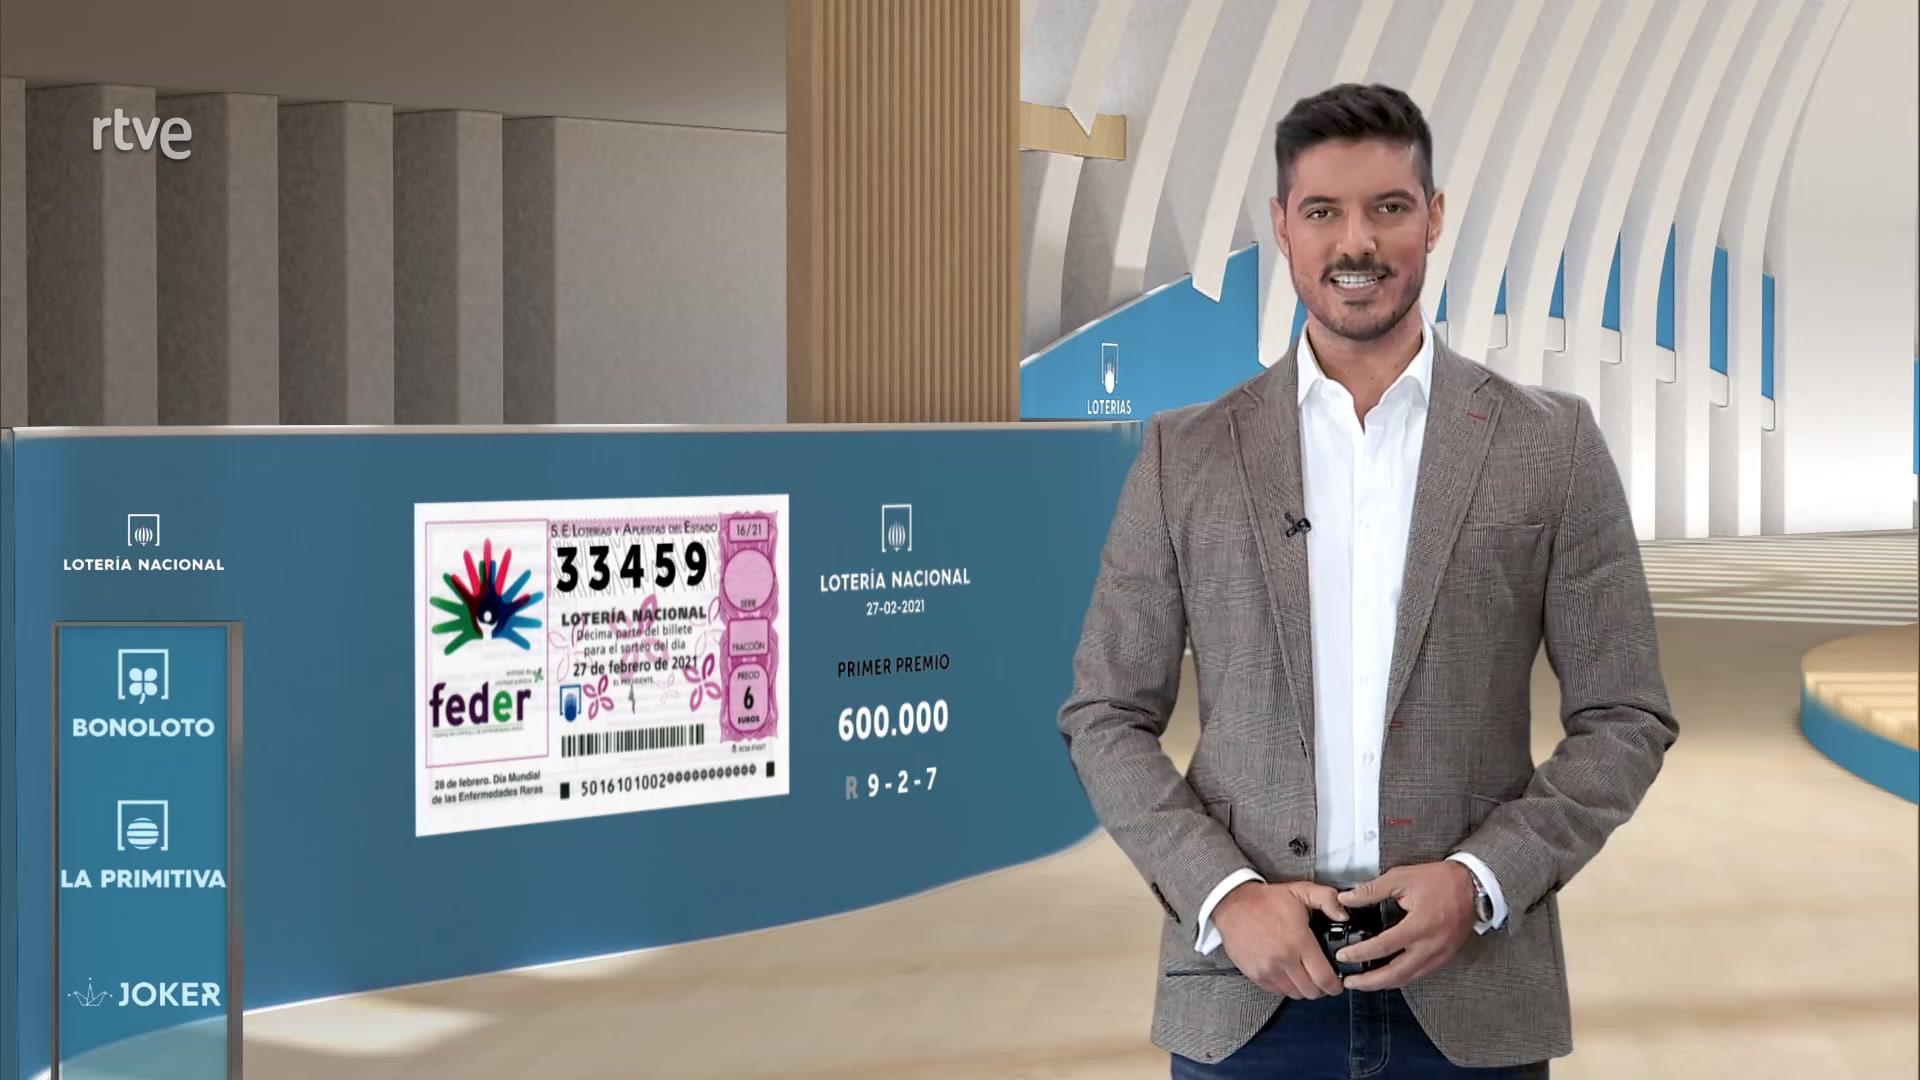 Sorteo De La Lotería Nacional Del 27 02 2021